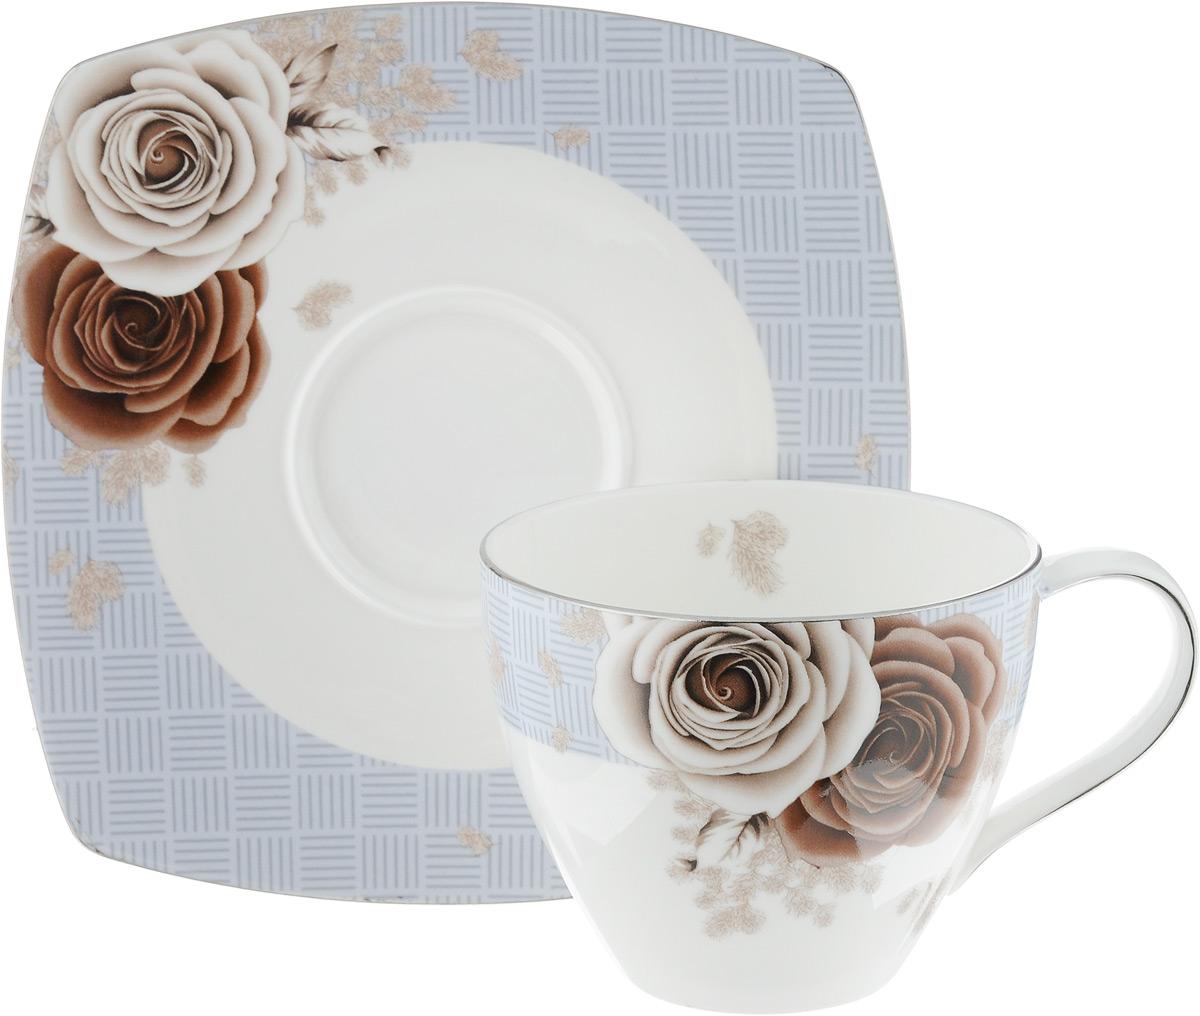 Чайная пара Дэниш, 2 предмета54 009312Чайная пара Дэниш состоит из чашки и блюдца, изготовленных из высококачественного фарфора. Красочность оформления придется по вкусу ценителям утонченности и изысканности. Диаметр чашки по верхнему краю: 9 см. Высота чашки: 7 см. Объем чашки: 280 мл. Размер блюдца: 15,5 см х 15,5 см.